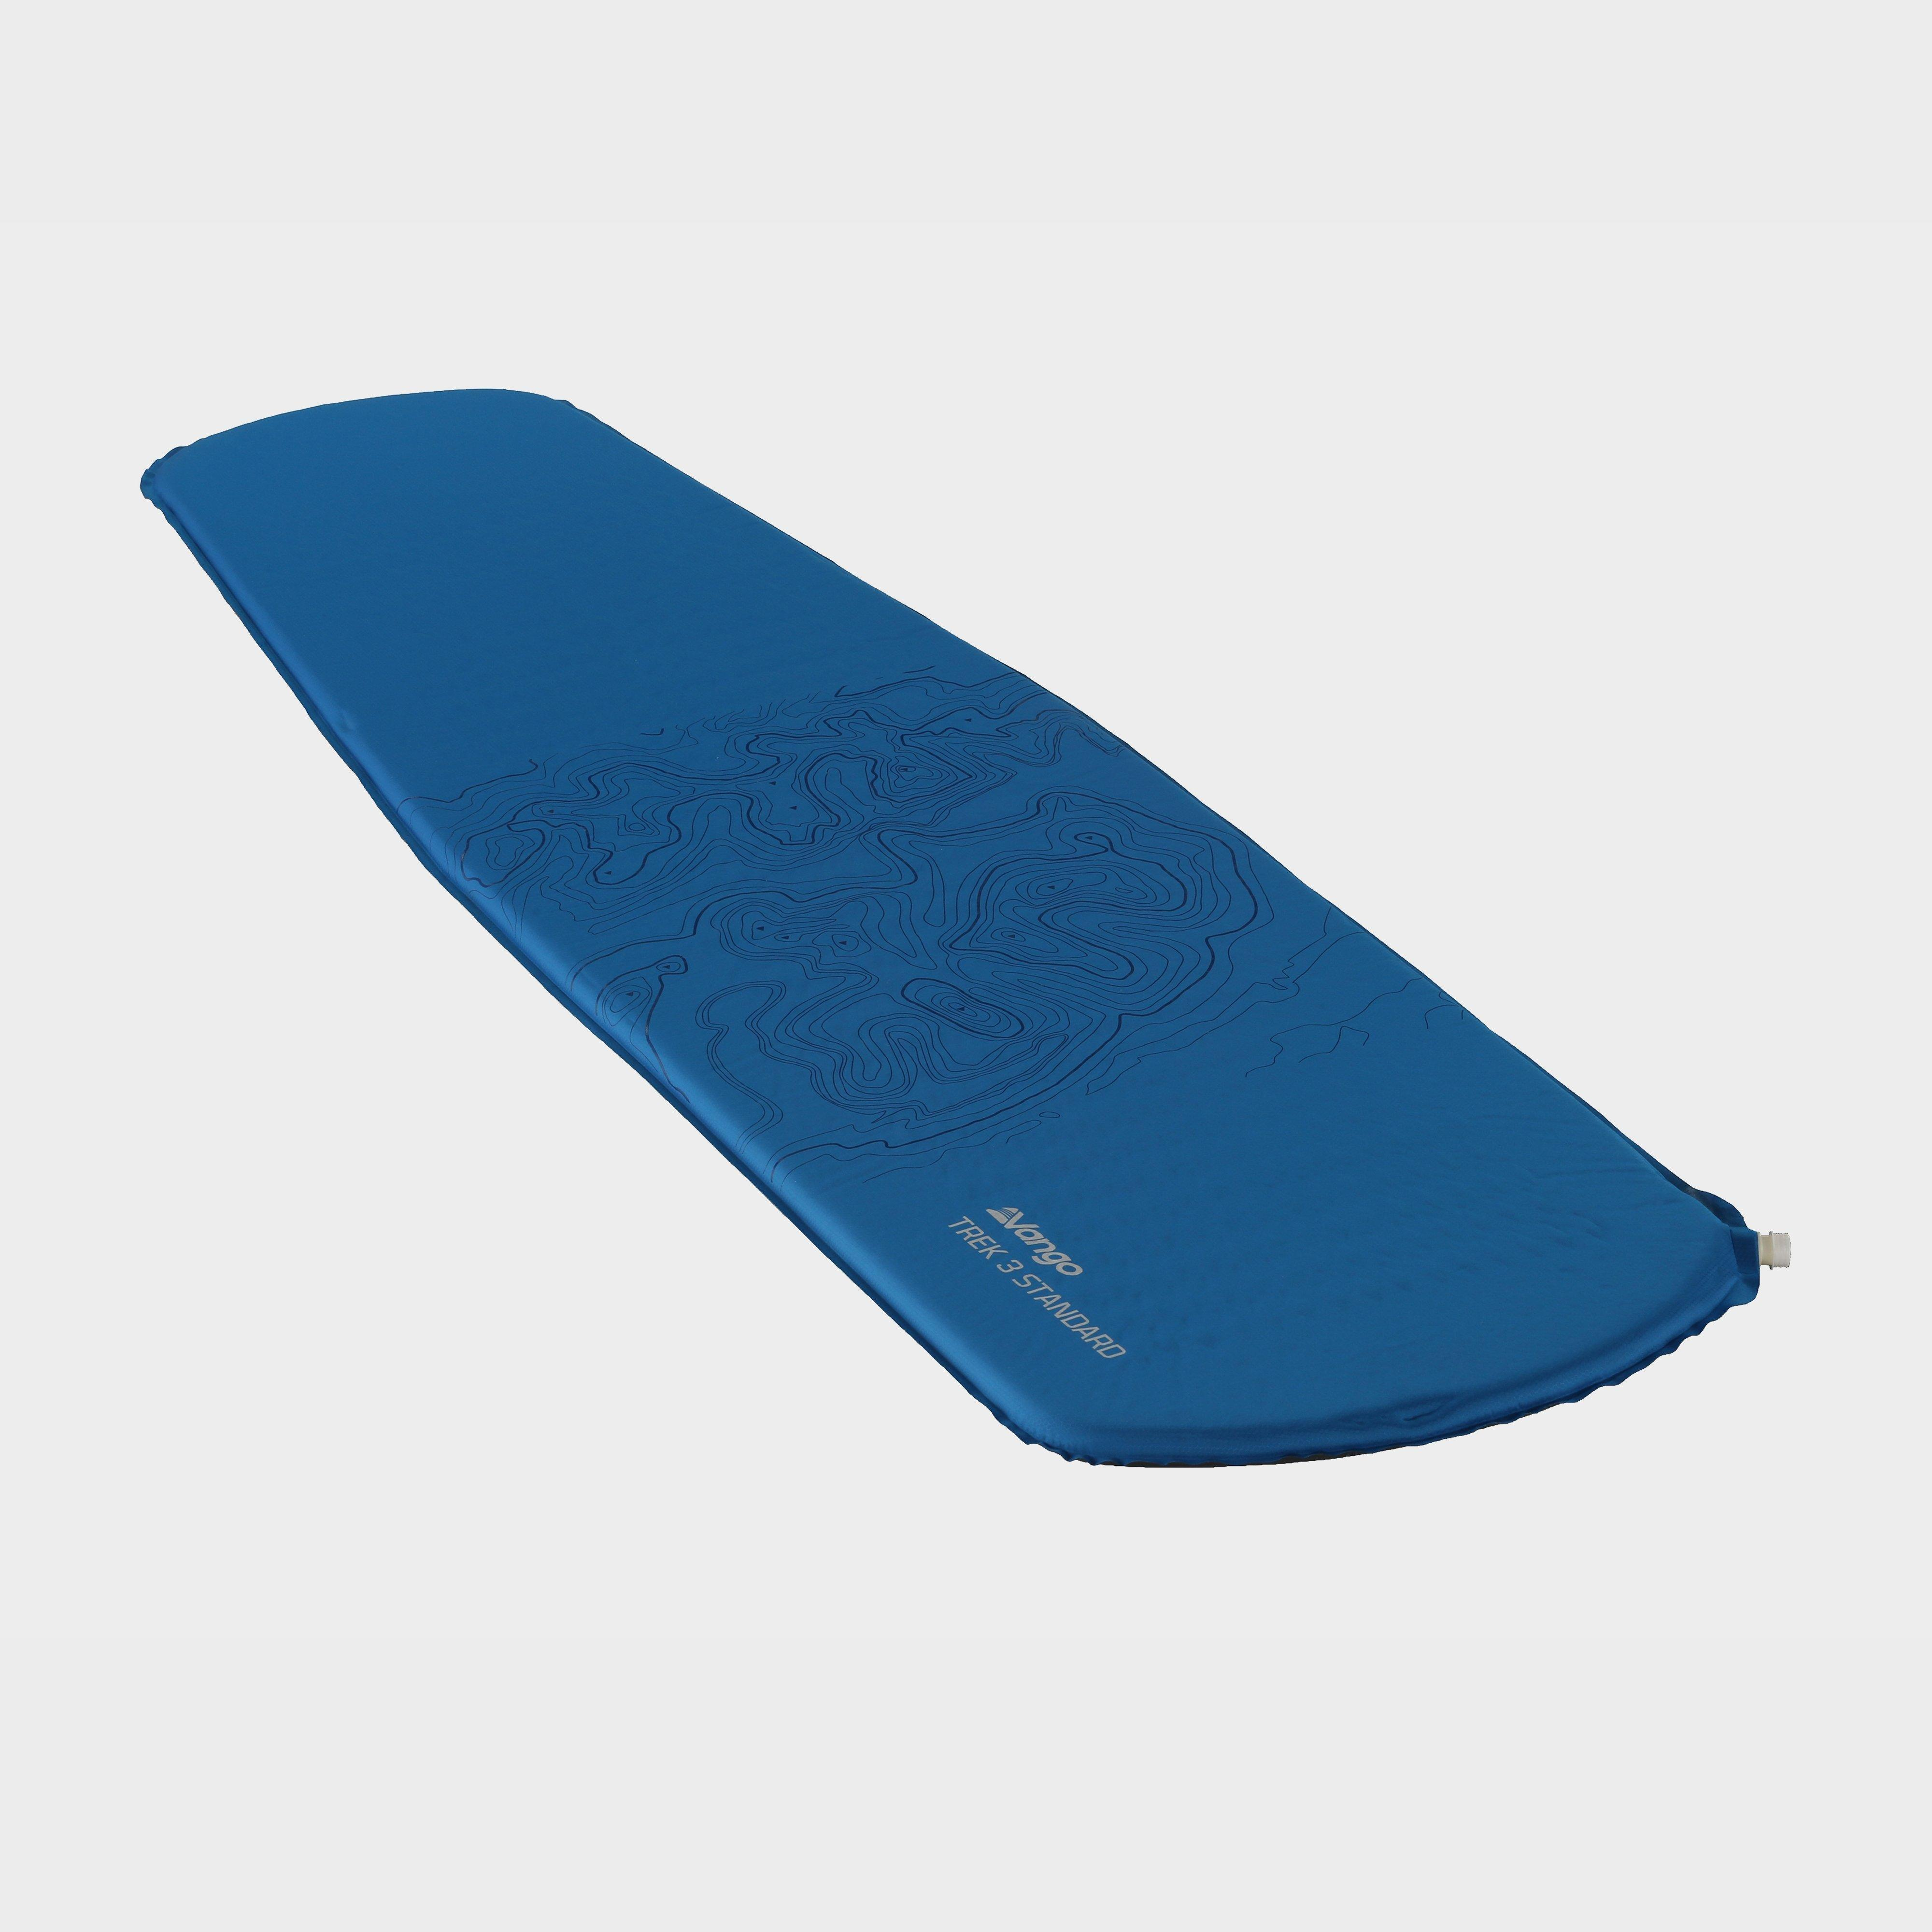 VANGO Trek 3 Standard Sleeping Mat, BLU/BLU